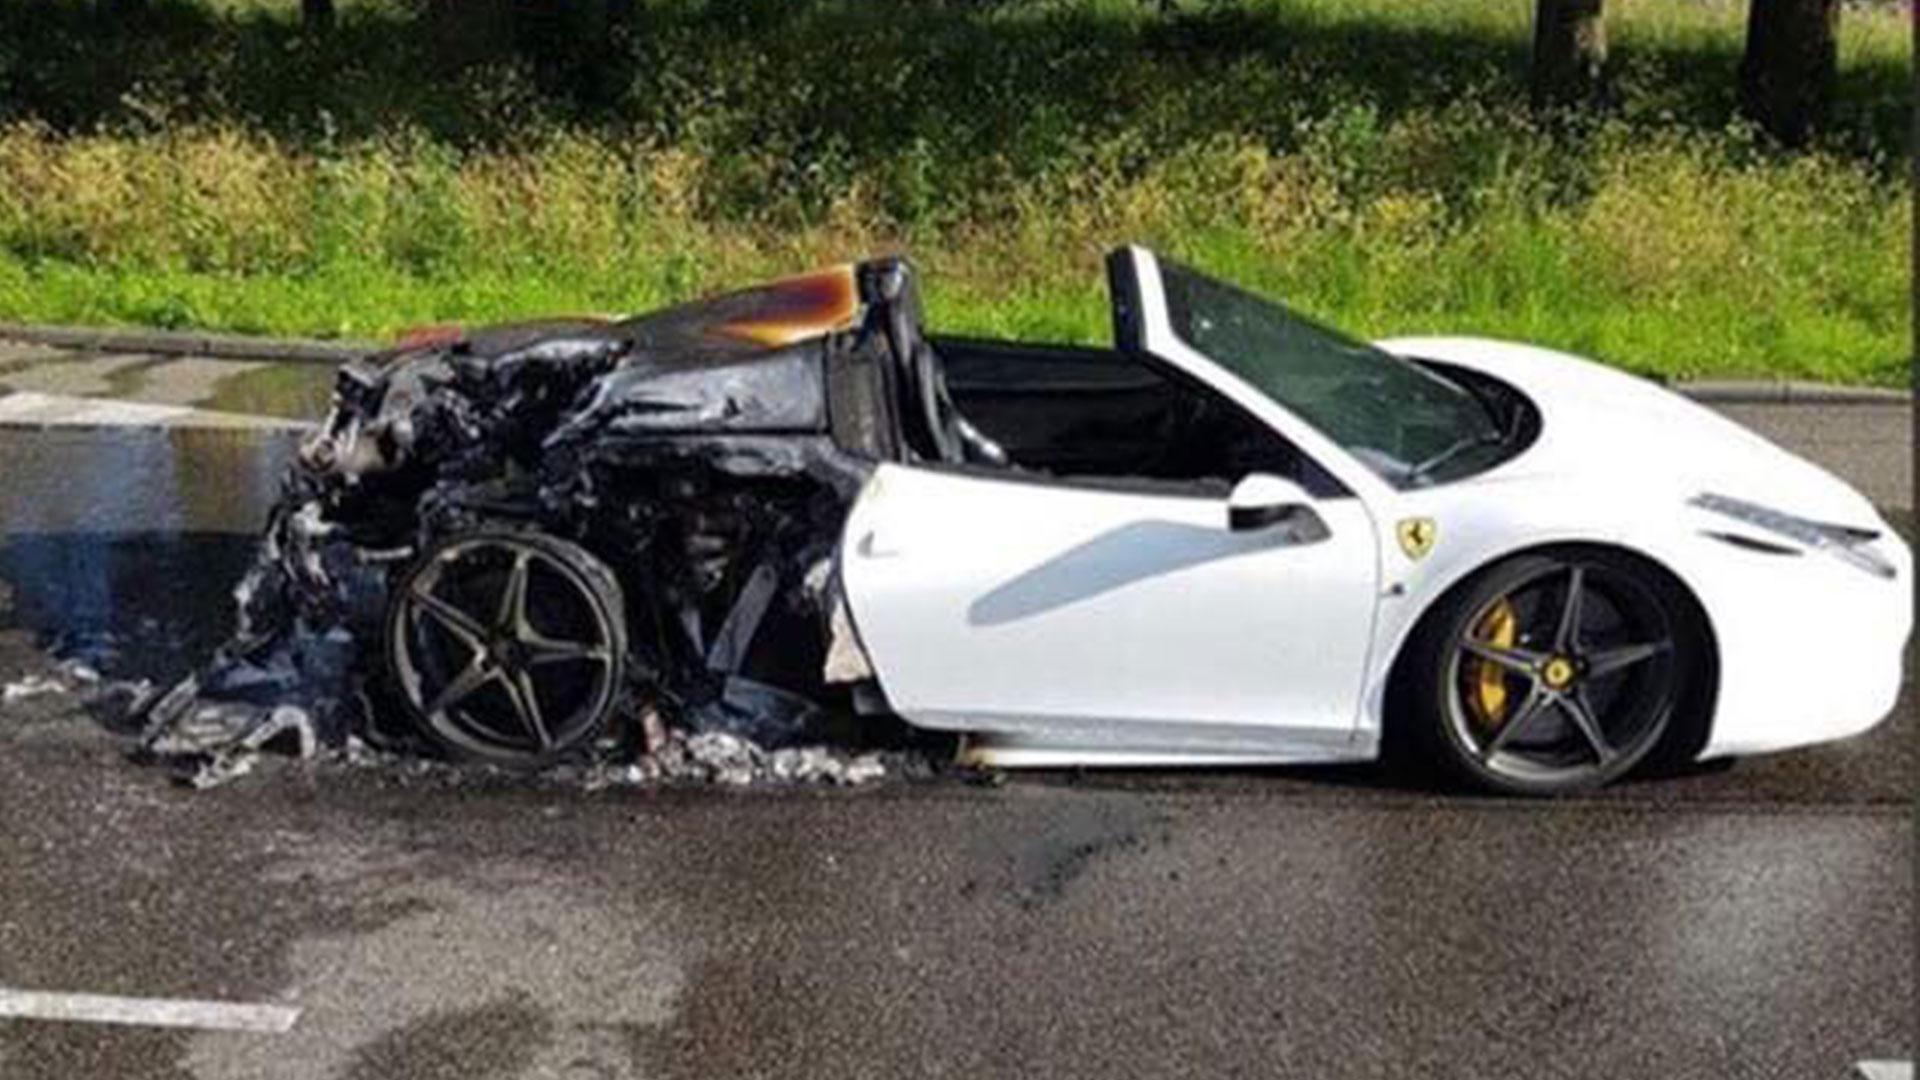 Ferrari 458 Spider brand